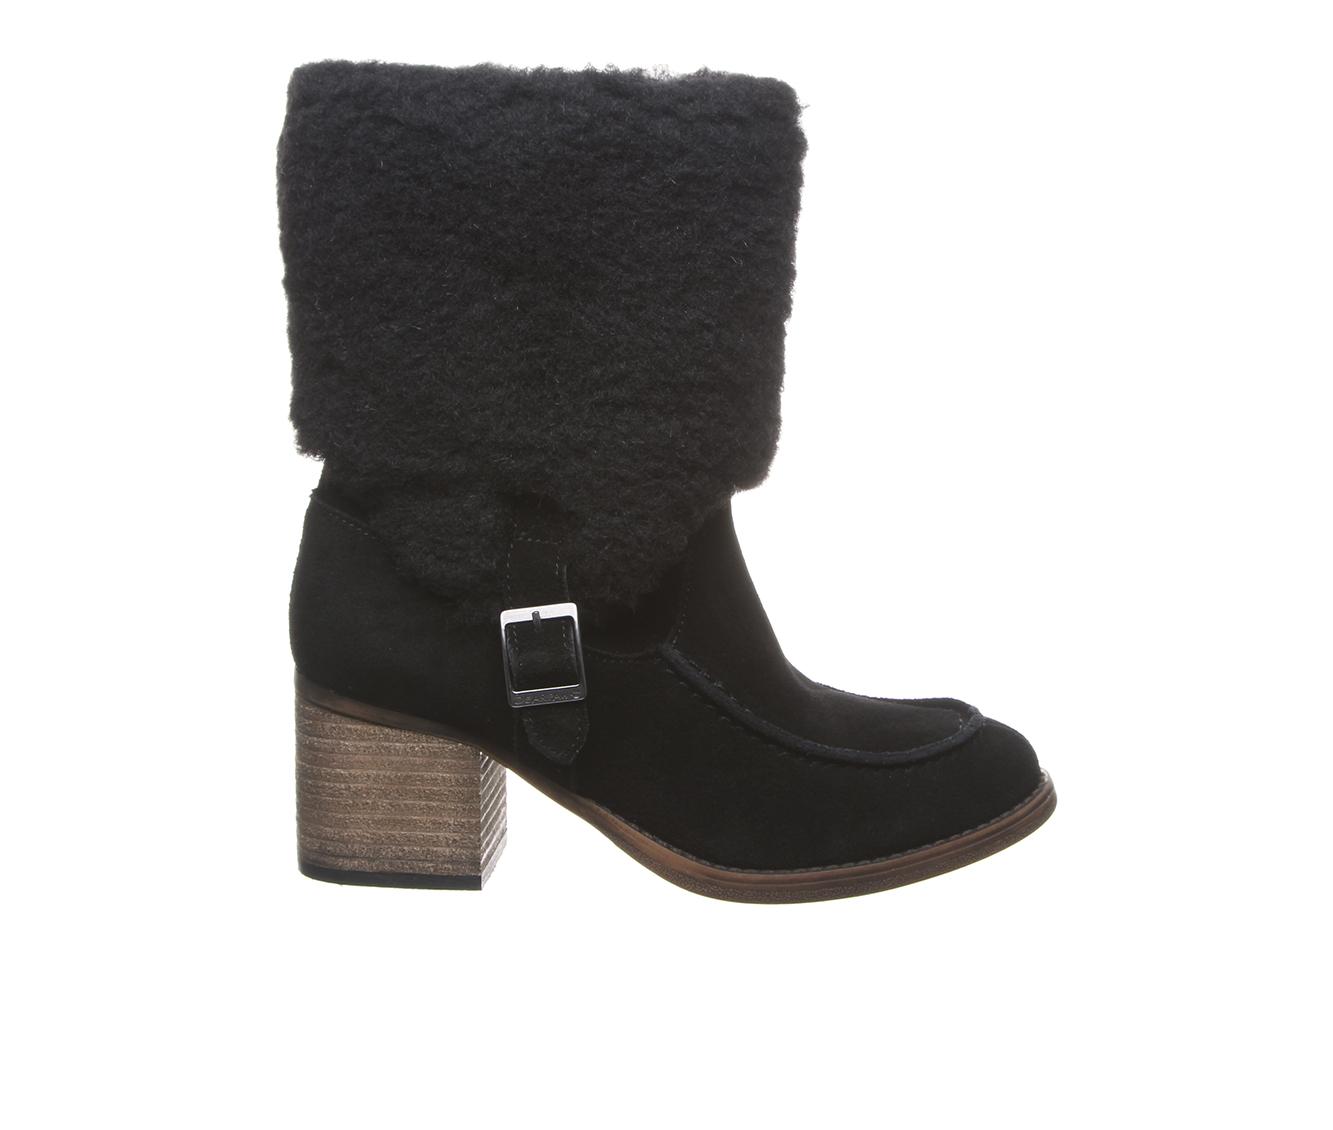 Bearpaw Obsidian Women's Boot (Black Suede)